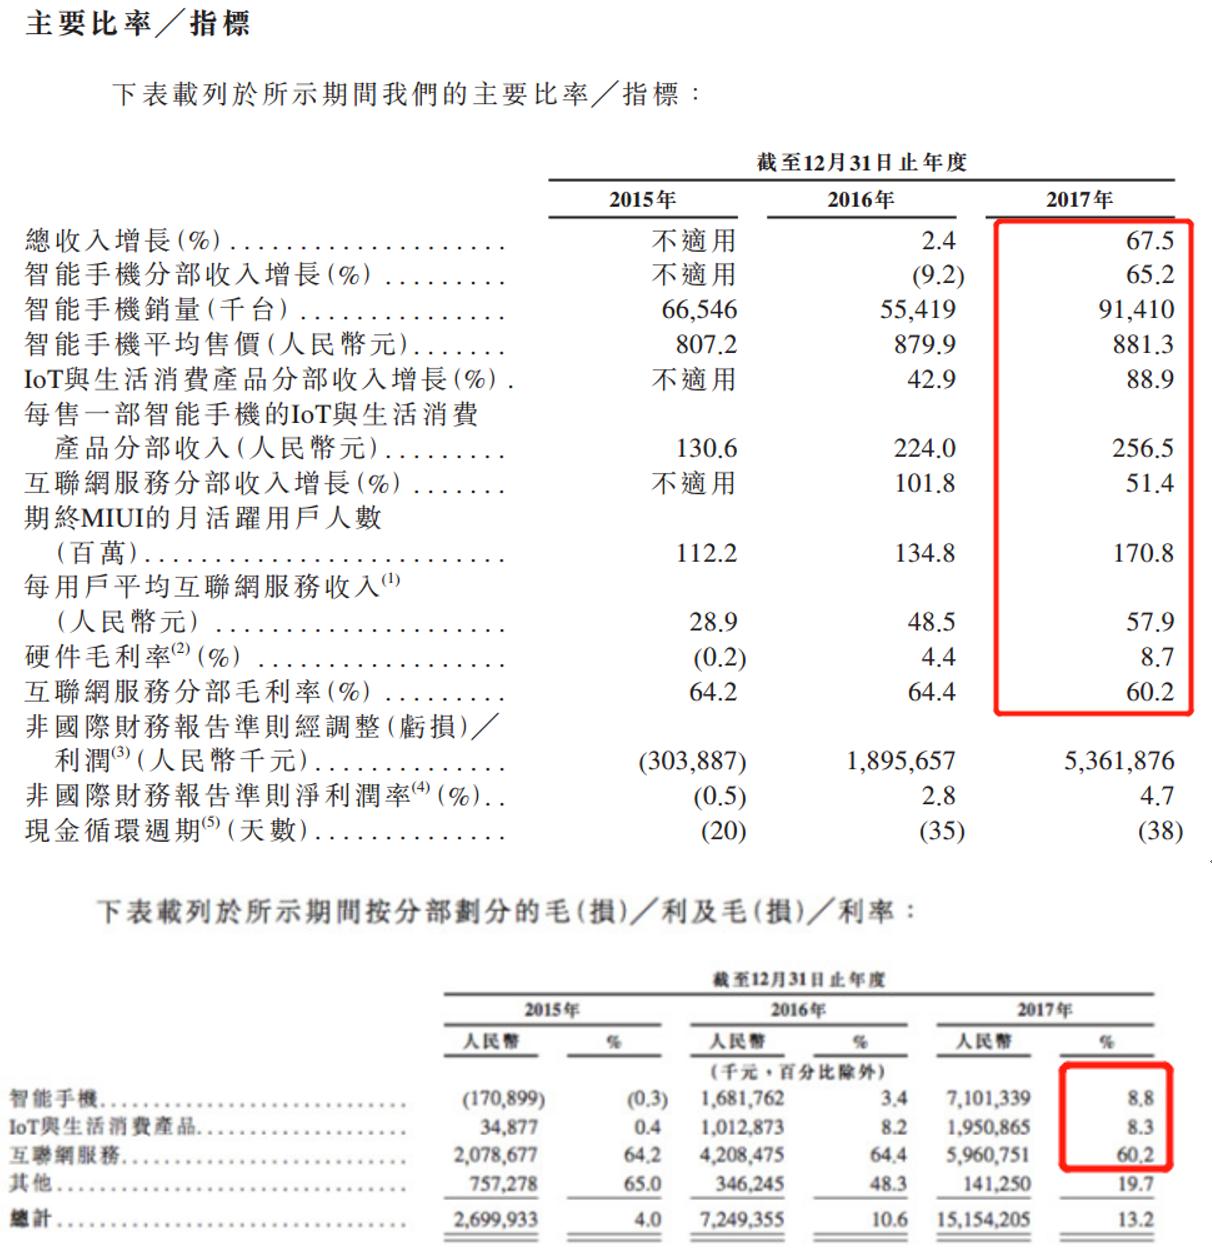 网易研究局 | 小米估值700亿美元?不值这个价!